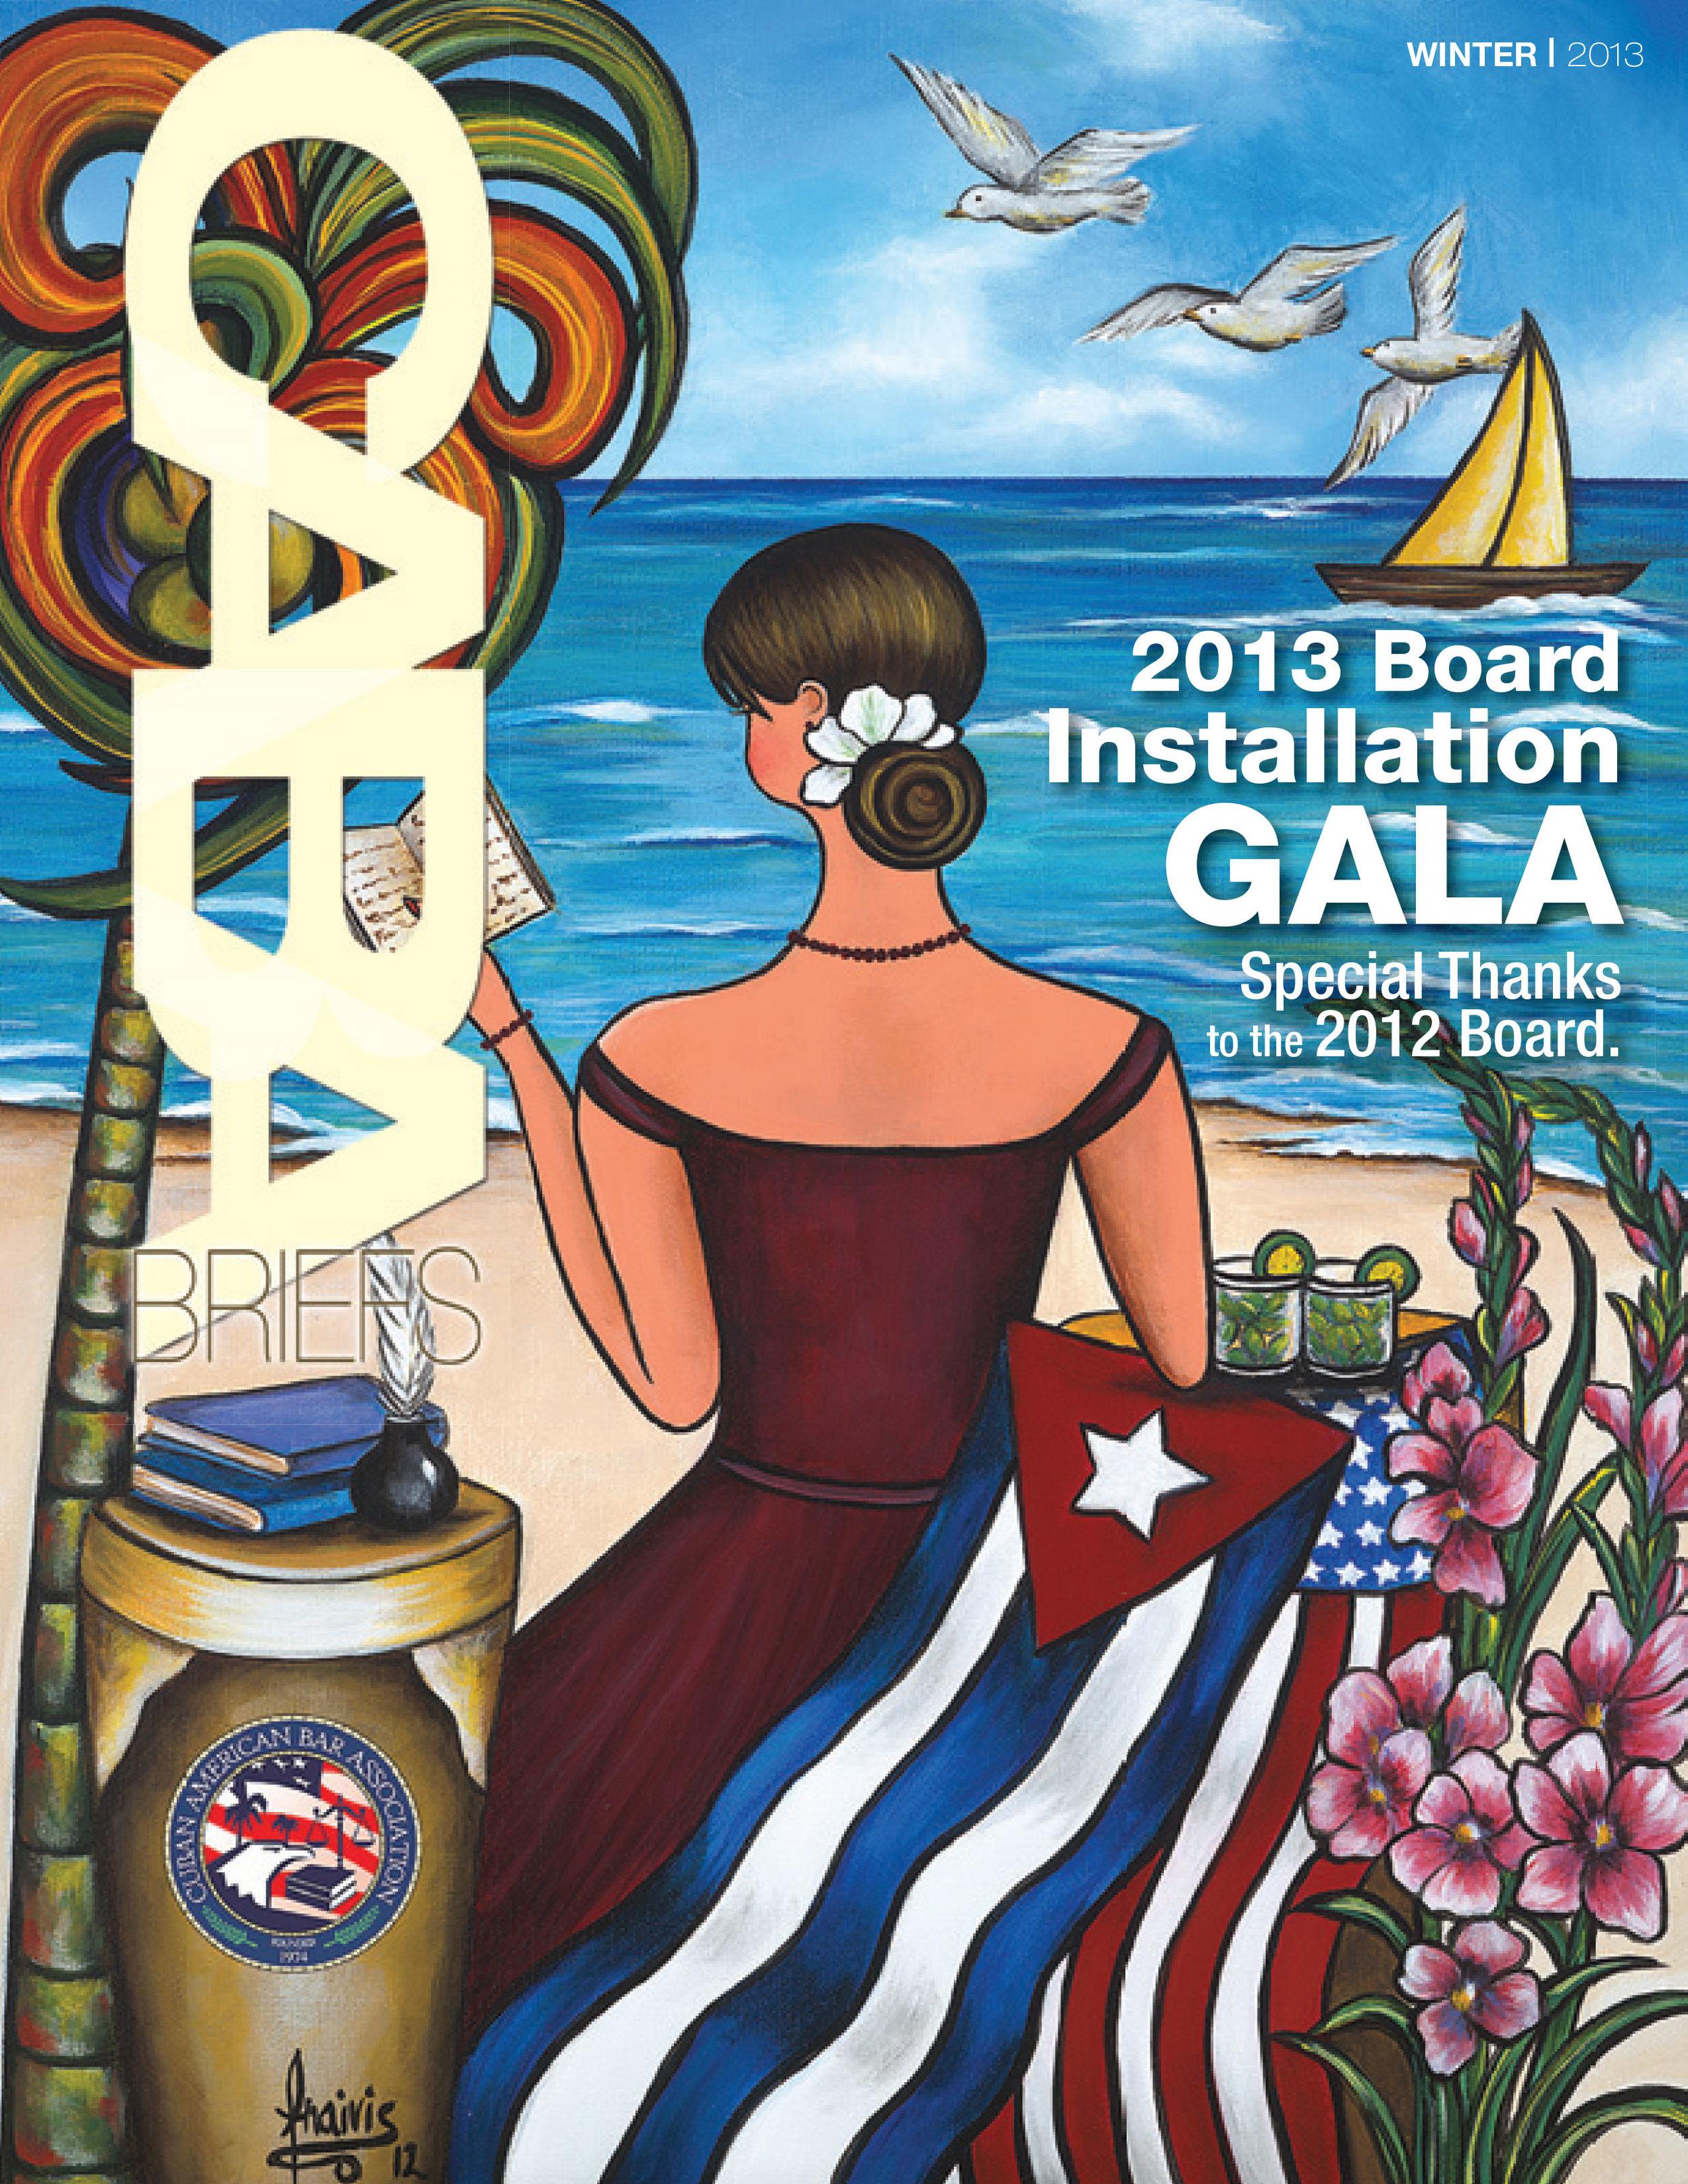 CABA-Briefs-Winter-2013-Final-WEB 1.jpg